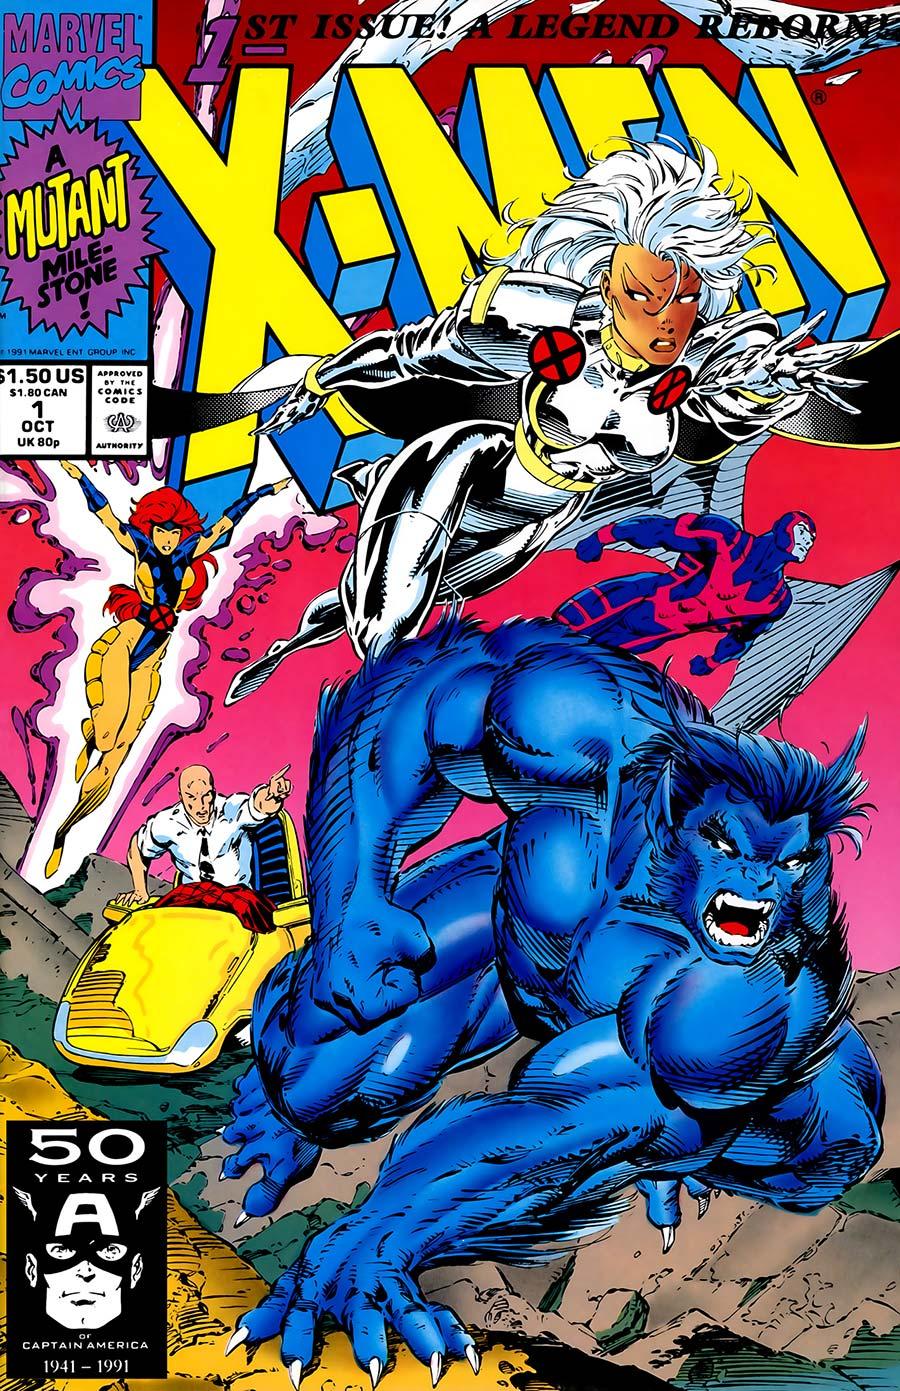 X-Men (Claremont/Lee)